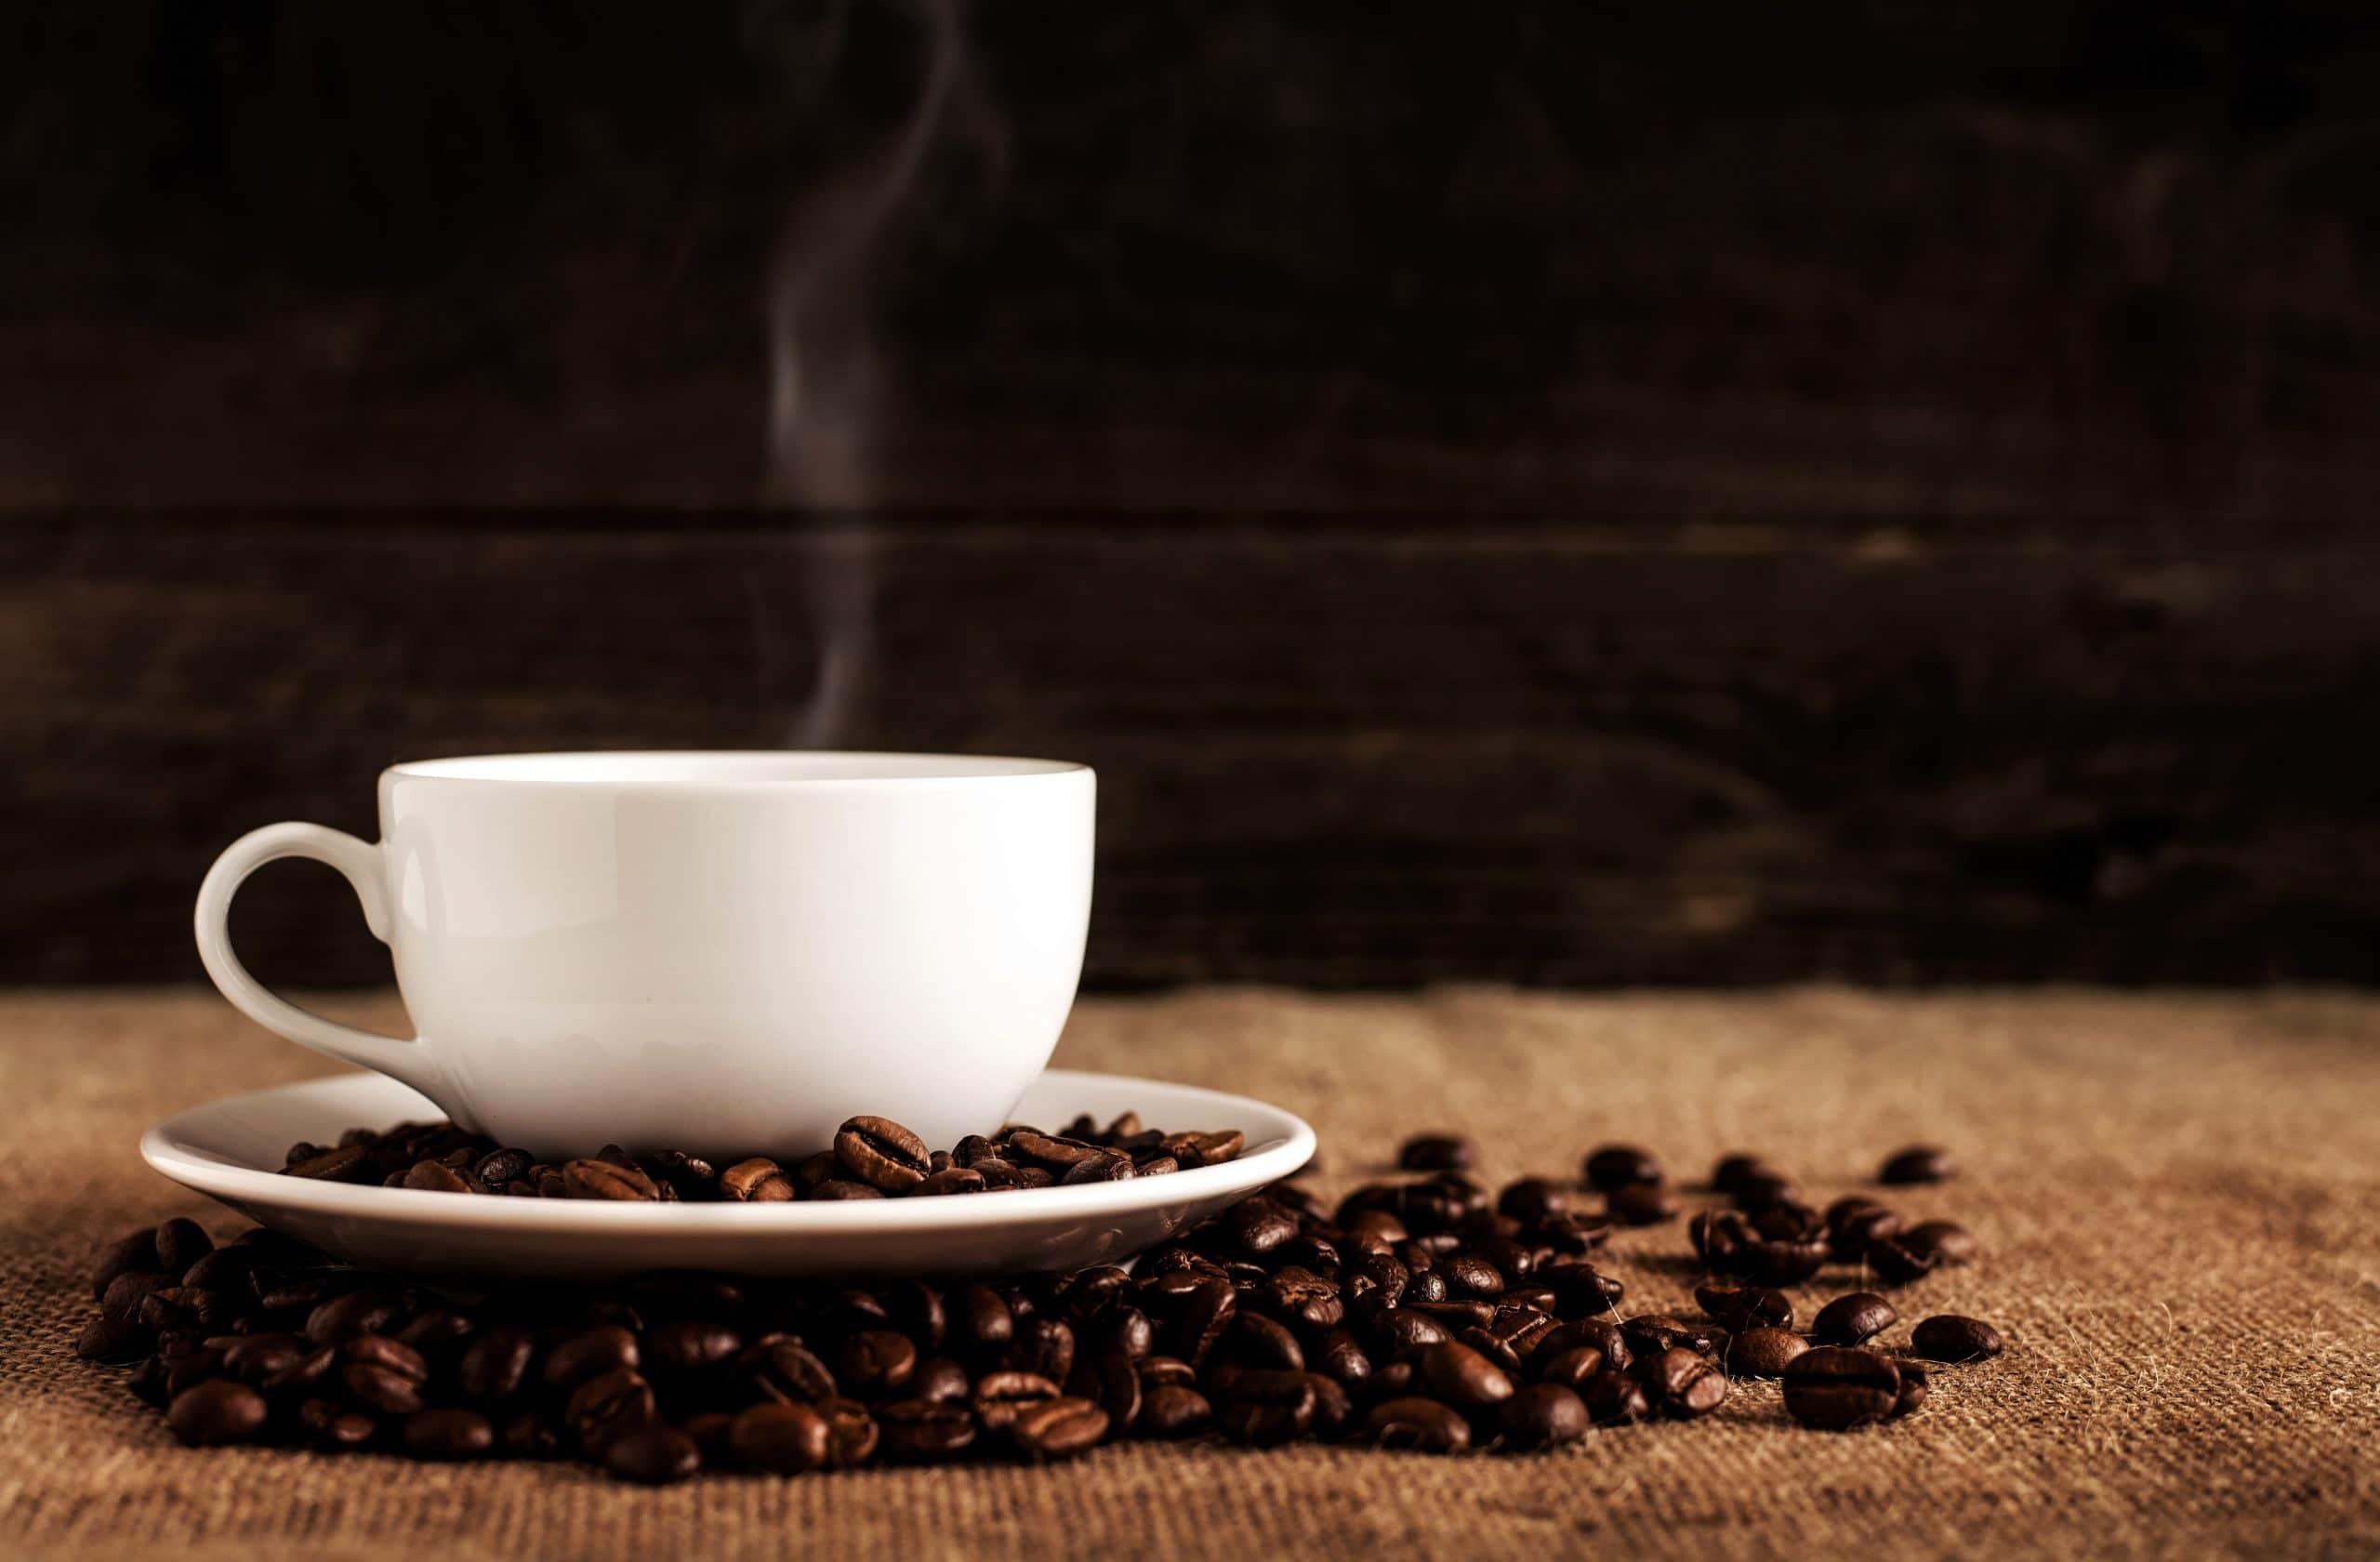 Xícara de café com fumaça saindo dela.